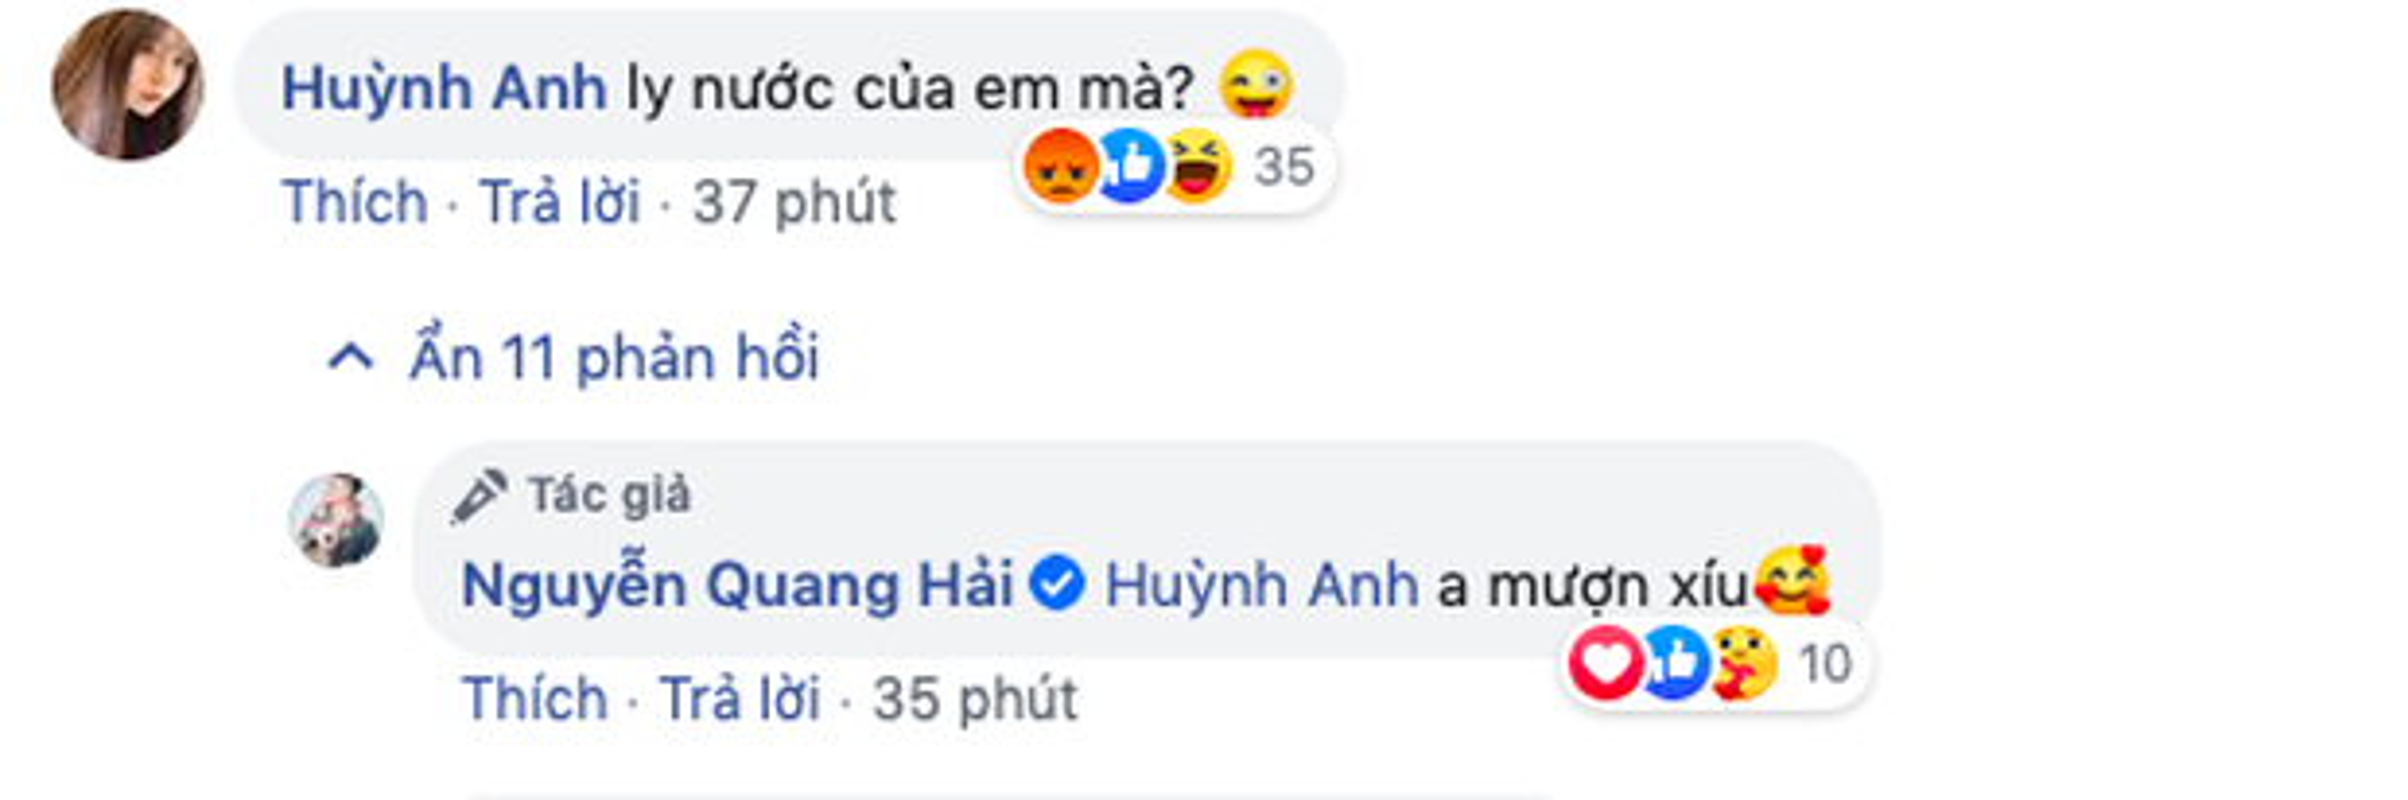 Quang Hai tha thinh ban gai tin don, Nhat Le co hanh dong la-Hinh-7